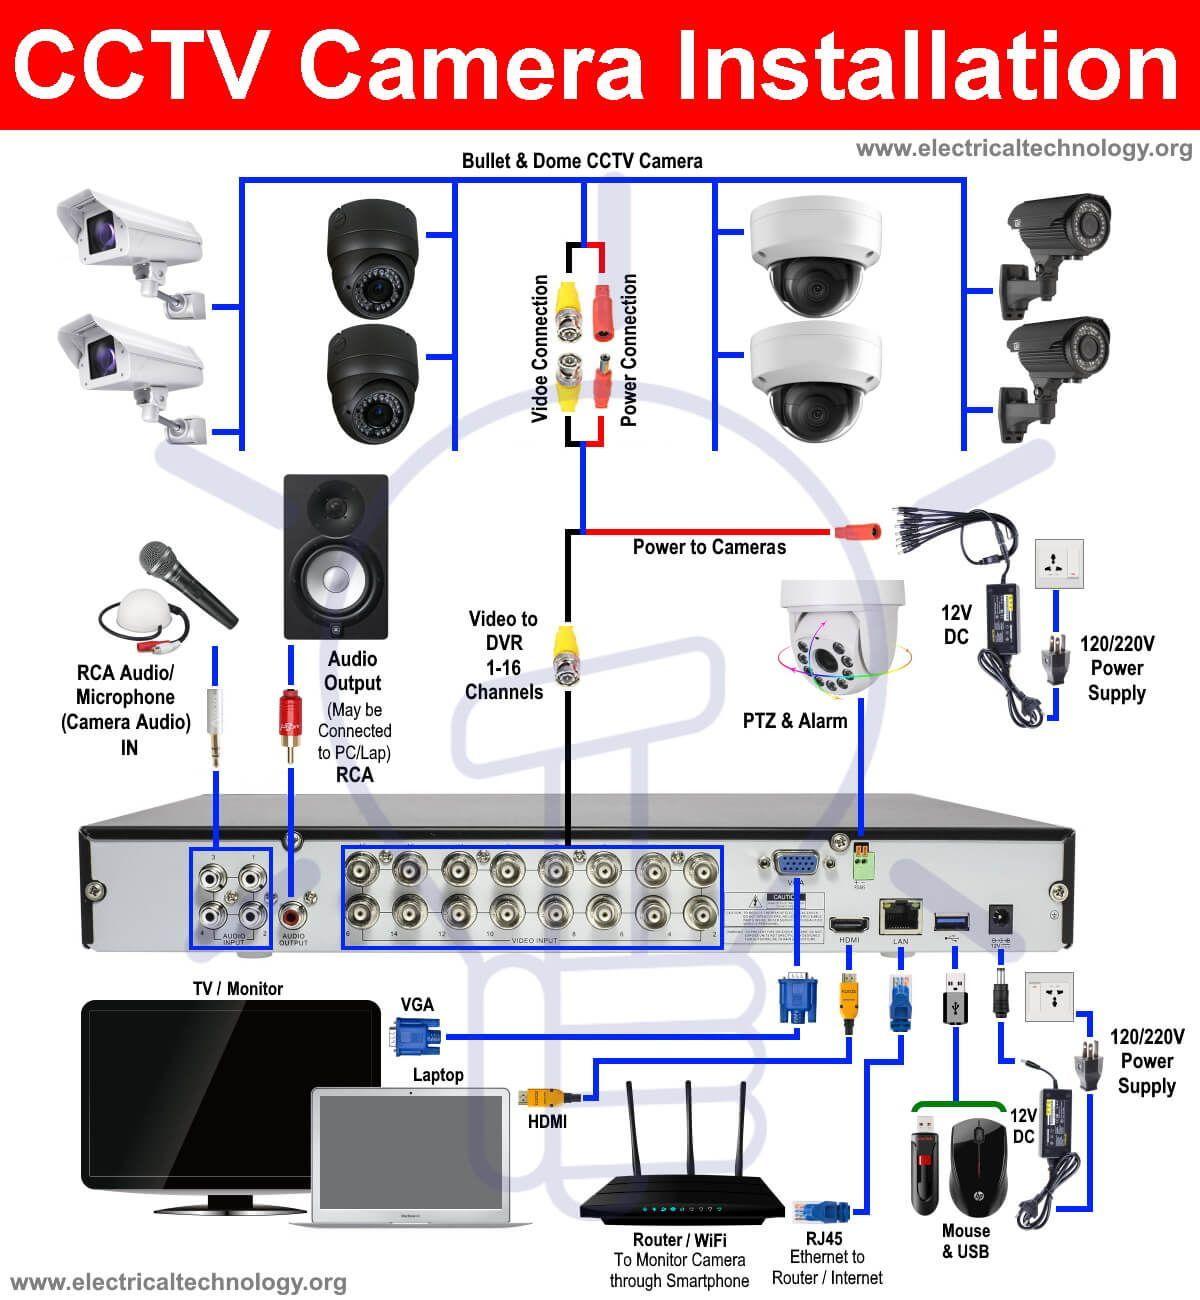 Cctv Camera Installation Wiring Diagram Cctv Camera Installation Cctv Camera Security Camera Installation